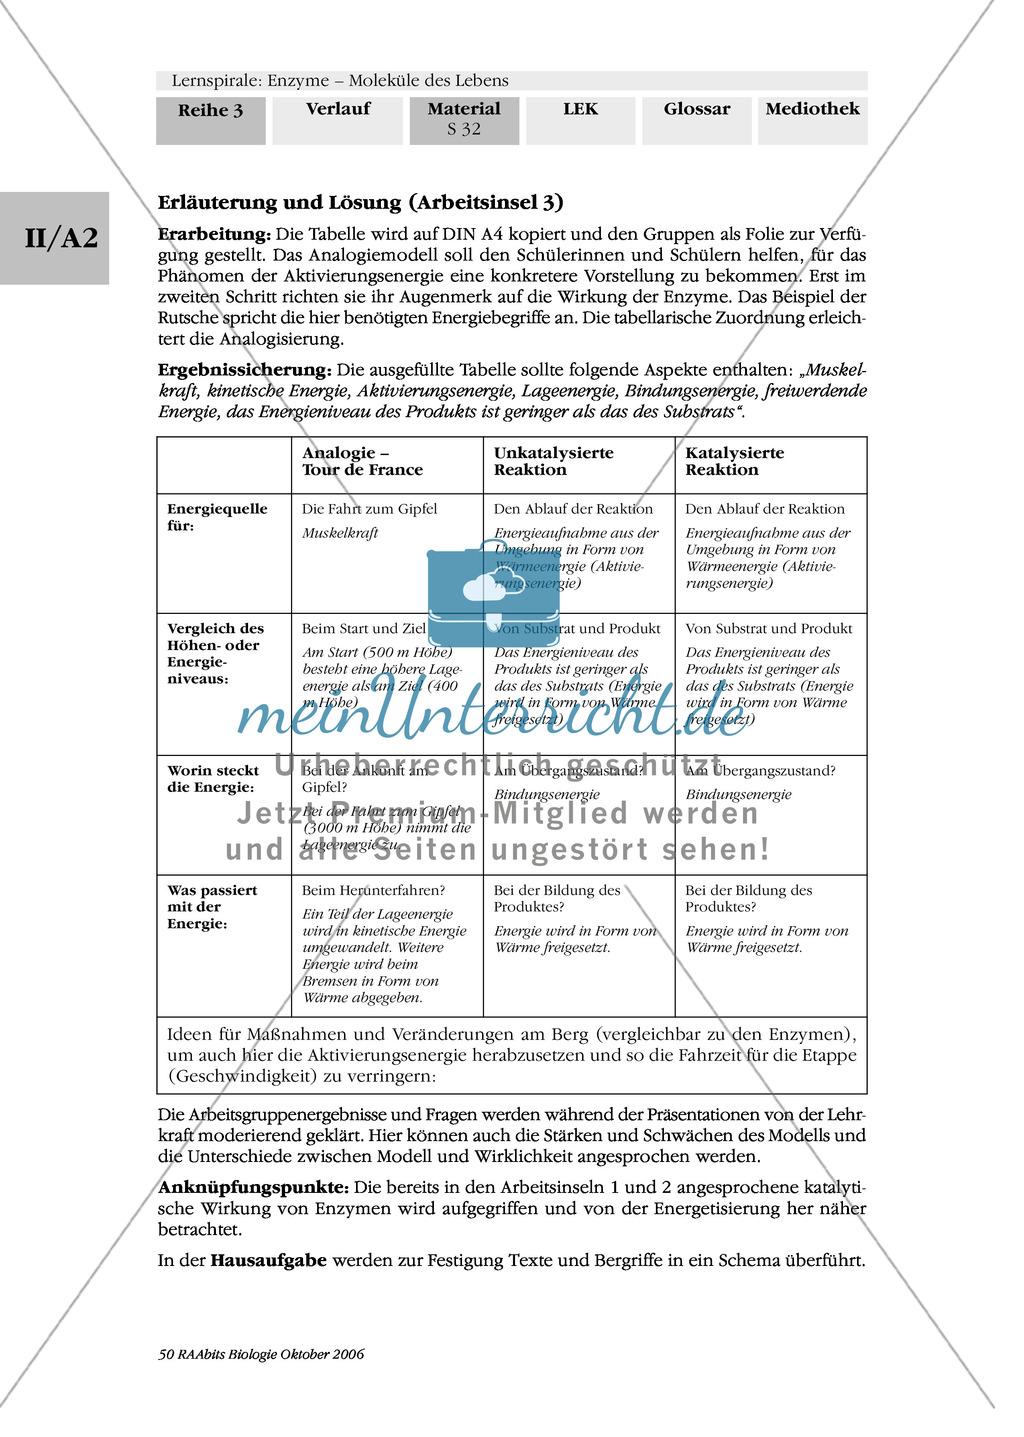 Enzyme: Arbeitsinseln zu den Themen Stoffwechsel, Enzymreaktionen, Hemmstoffe, Cofaktoren, Regulation Preview 24